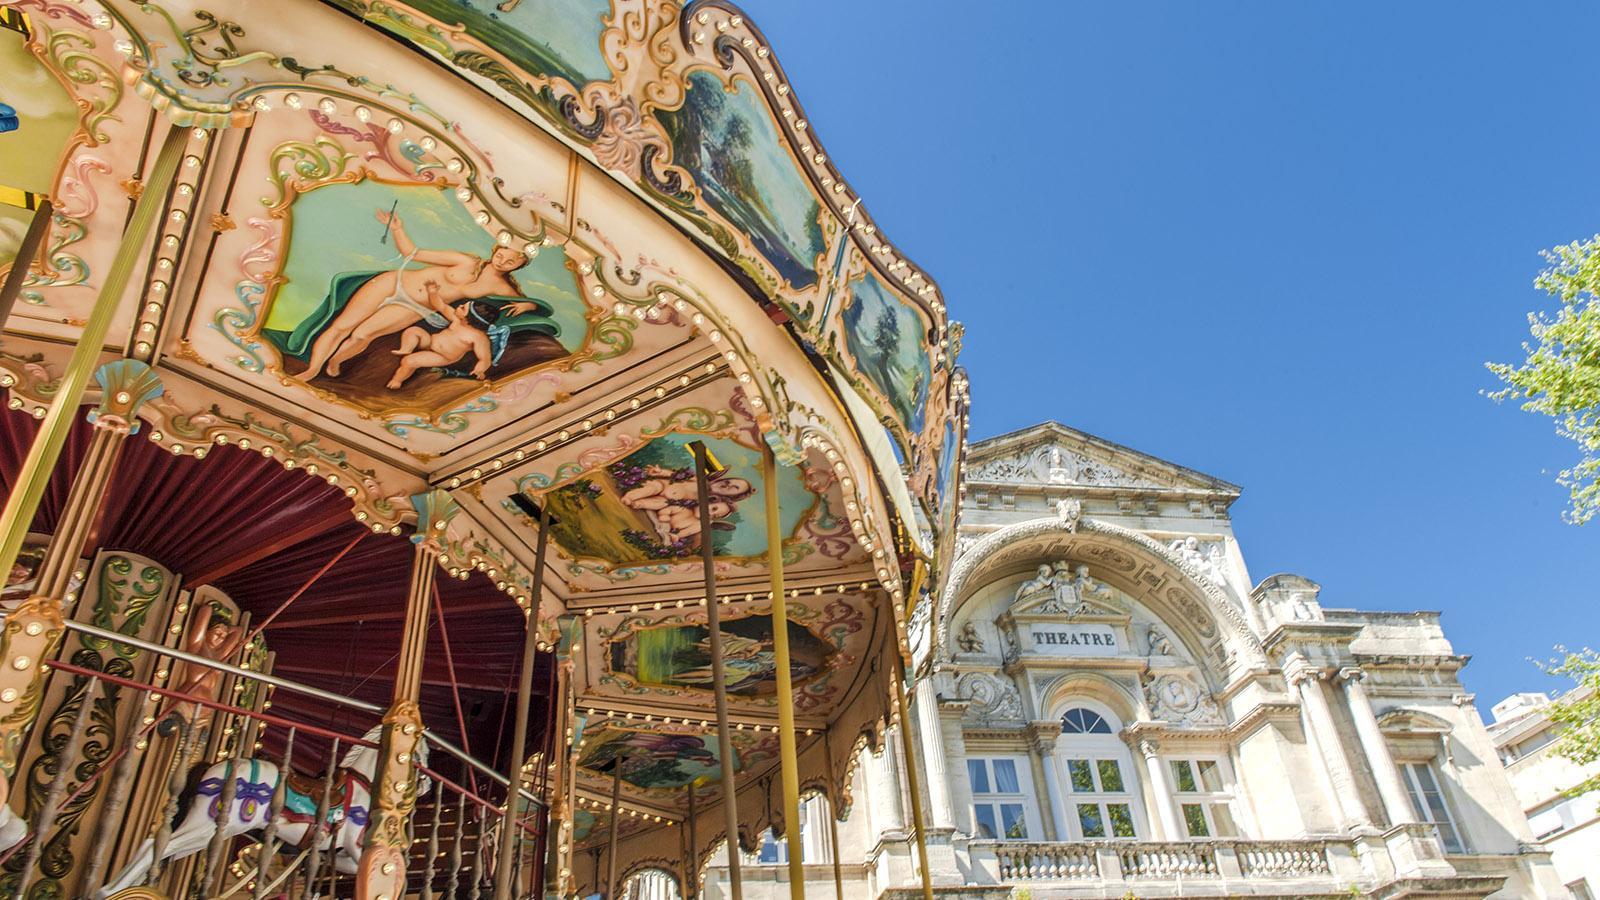 Avignon: Auf der Place de l'Horloge dreht sich vor dem Rathaus ein nostalgisches Karussell. Foto: Hilke Maunder